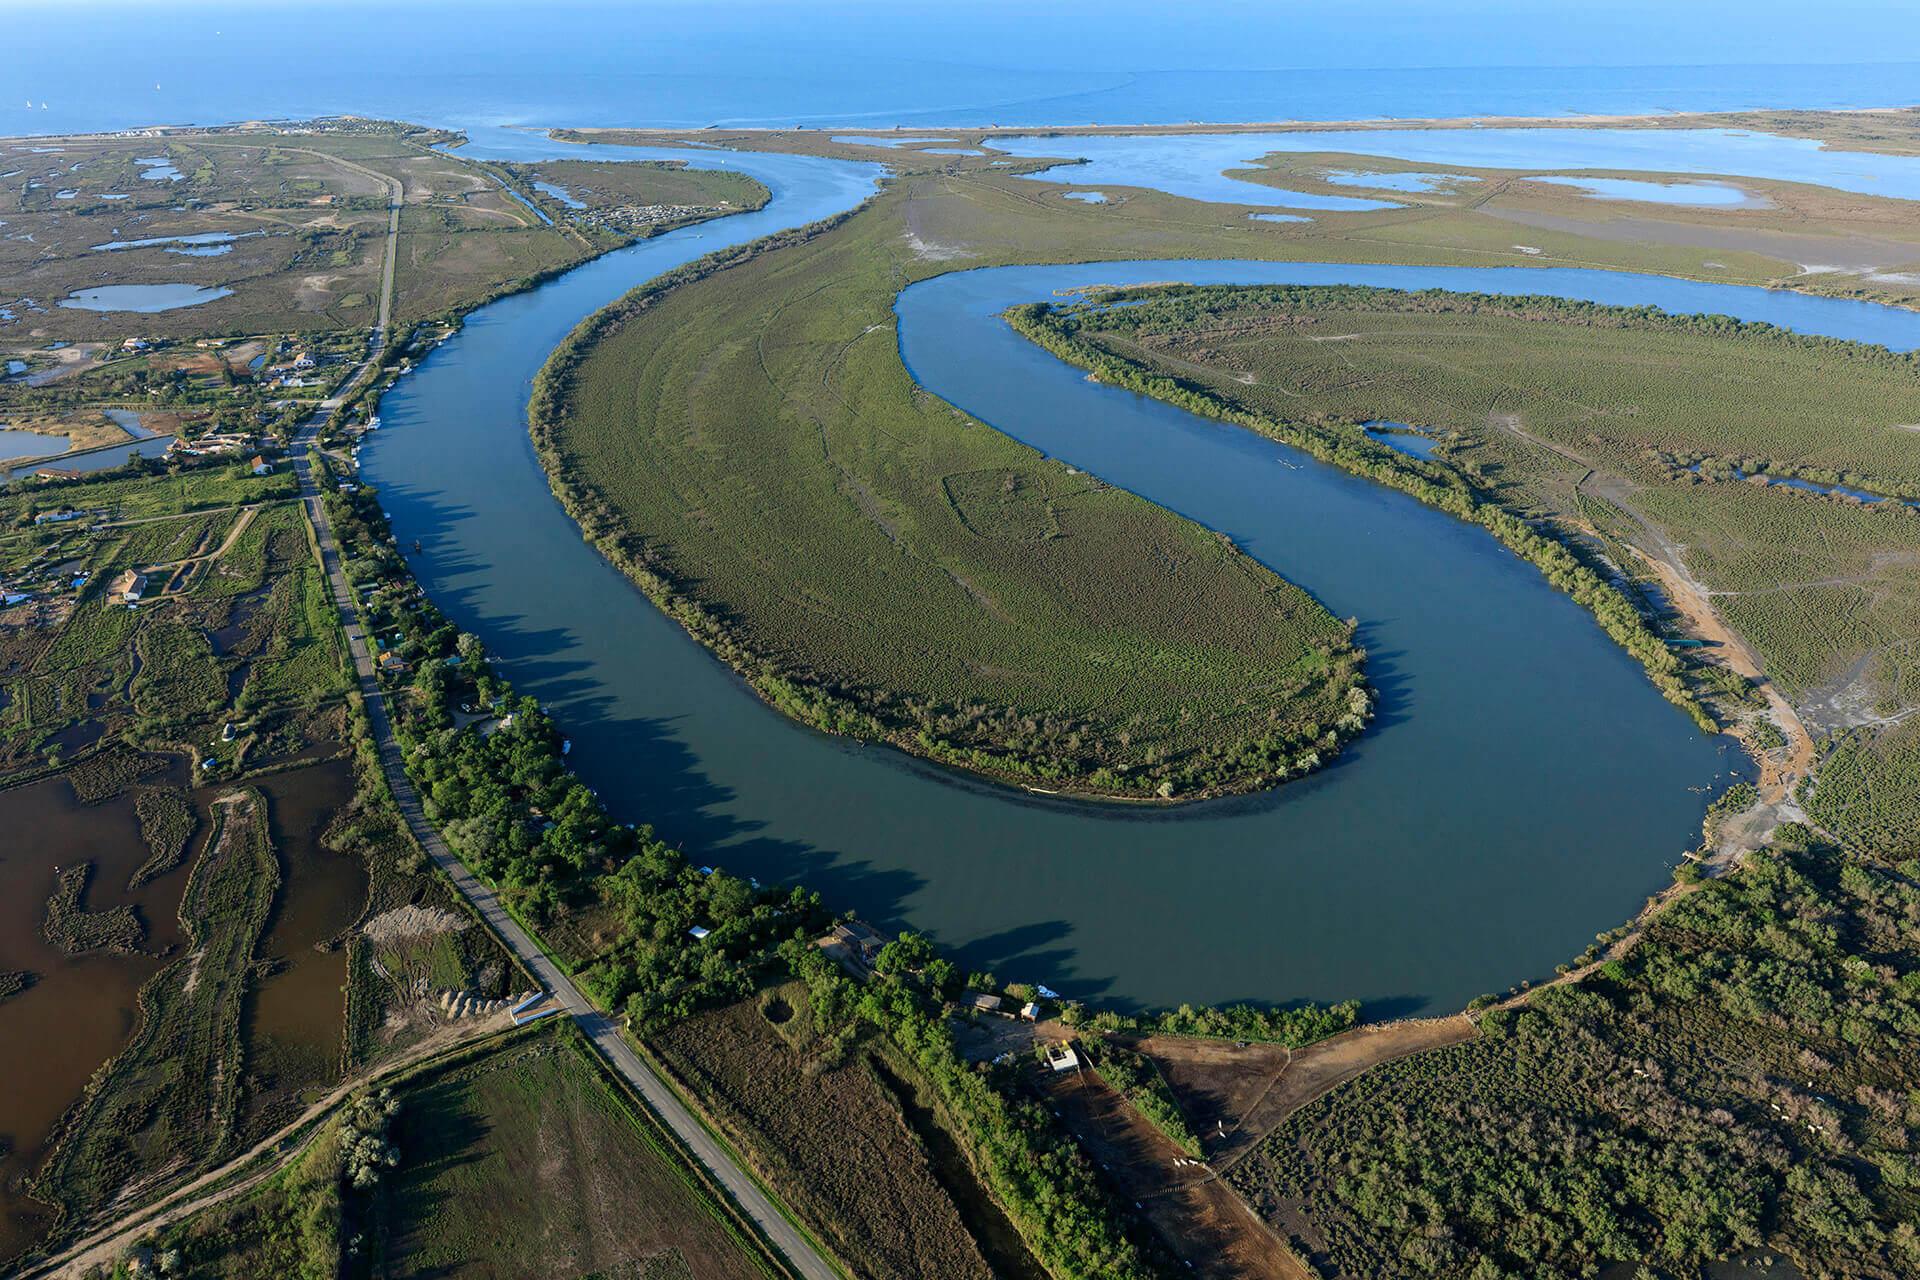 Le fleuve Rhône, Km 759 Bouches-du-Rhône, Saintes-Maries-de-la-Mer